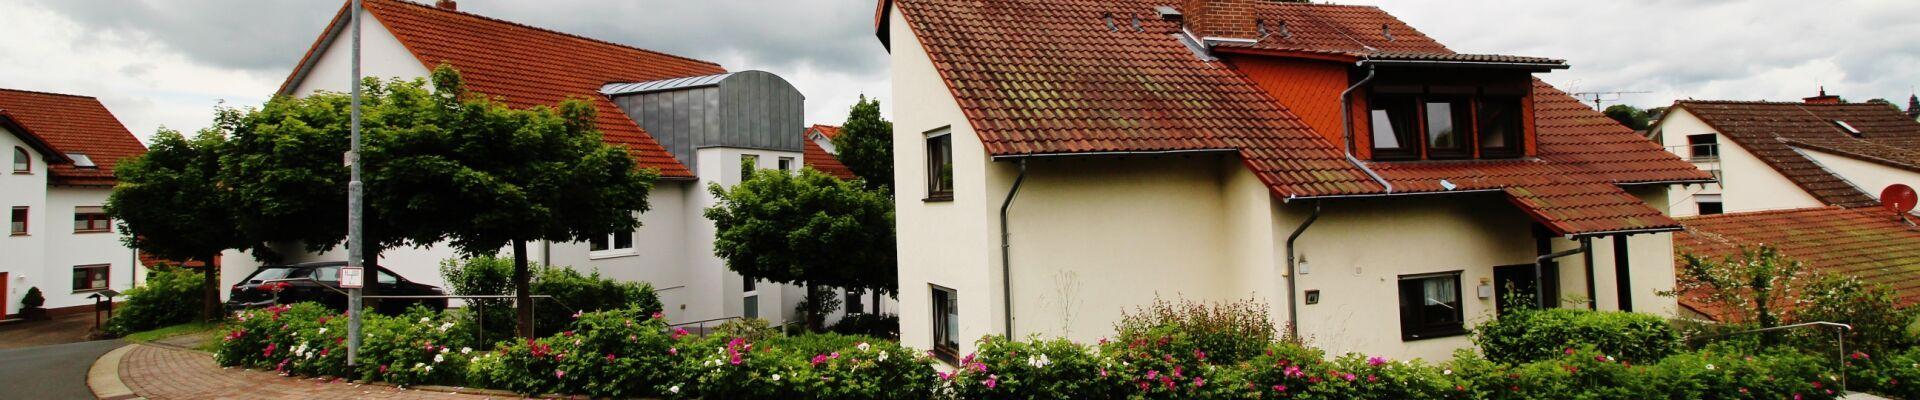 Das Haus Schlossblick in Birstein